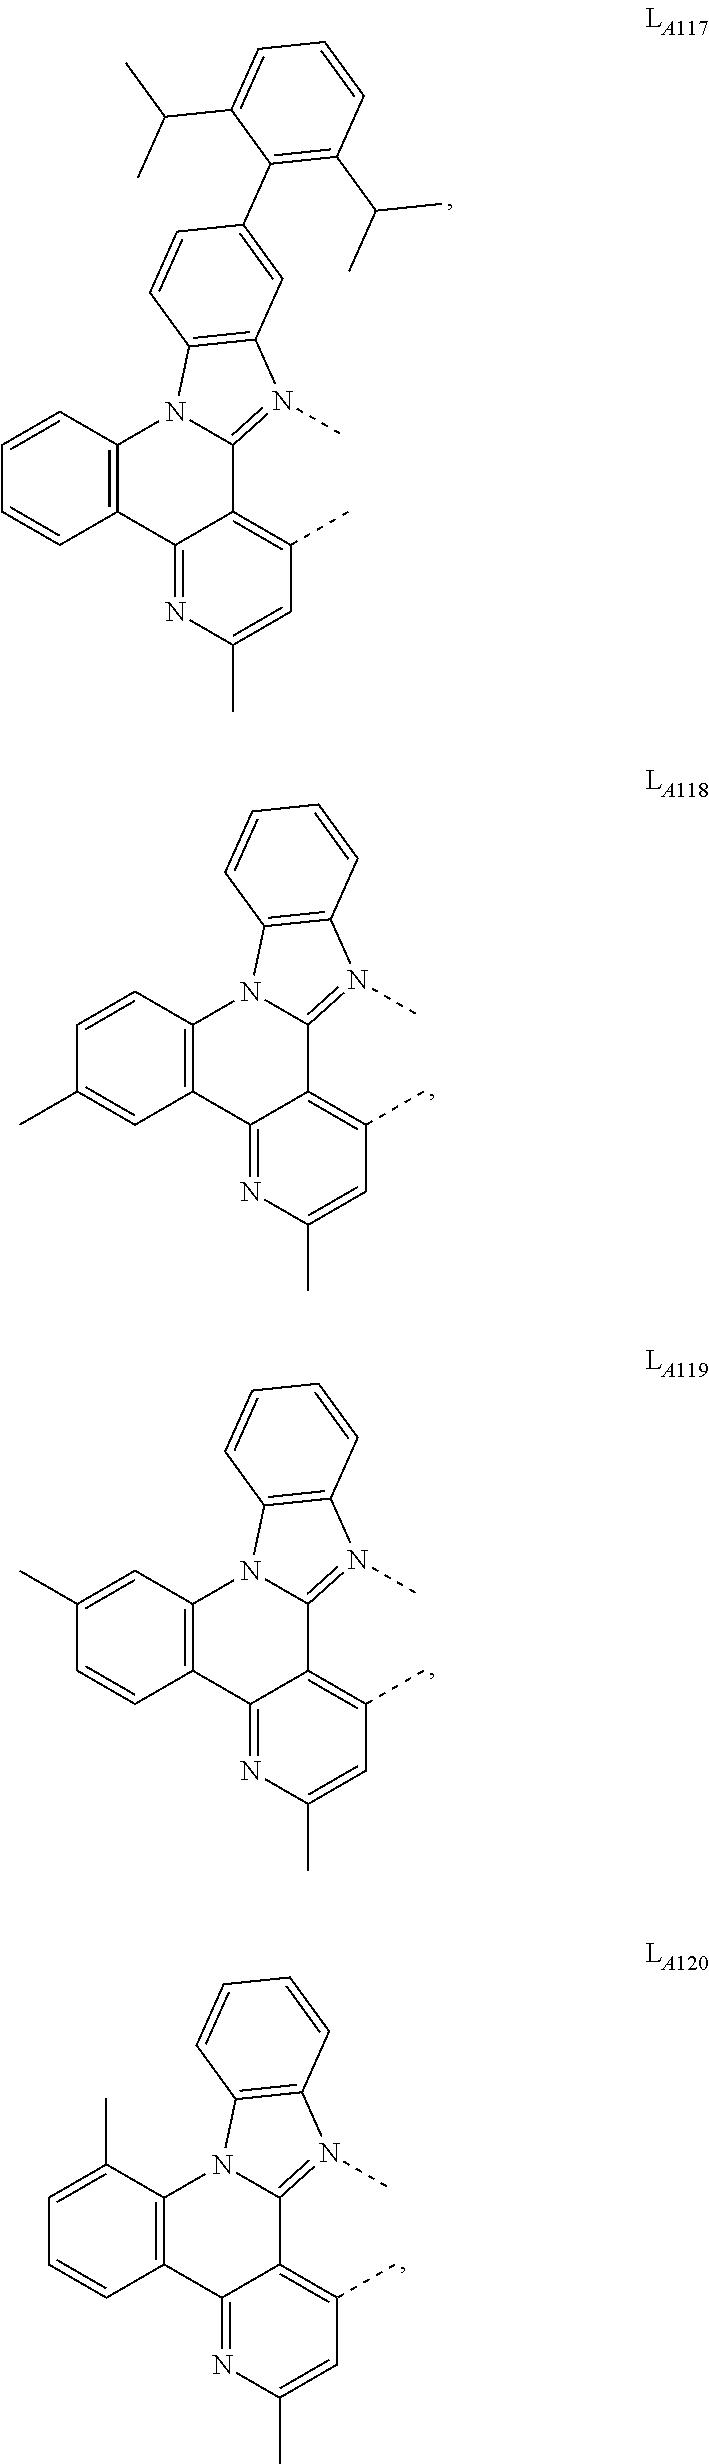 Figure US09905785-20180227-C00052